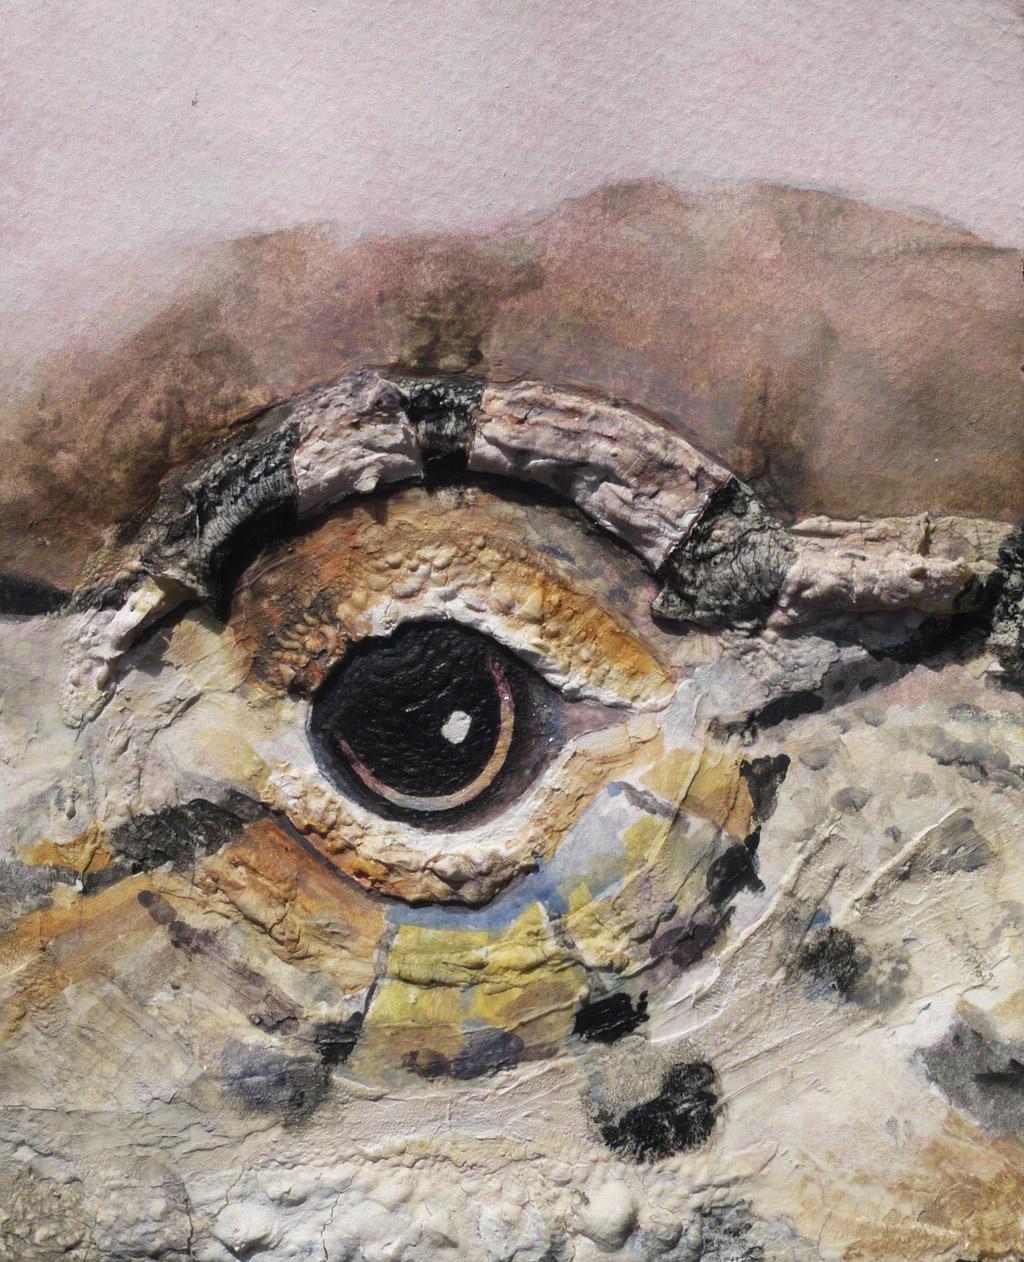 Anole Eye